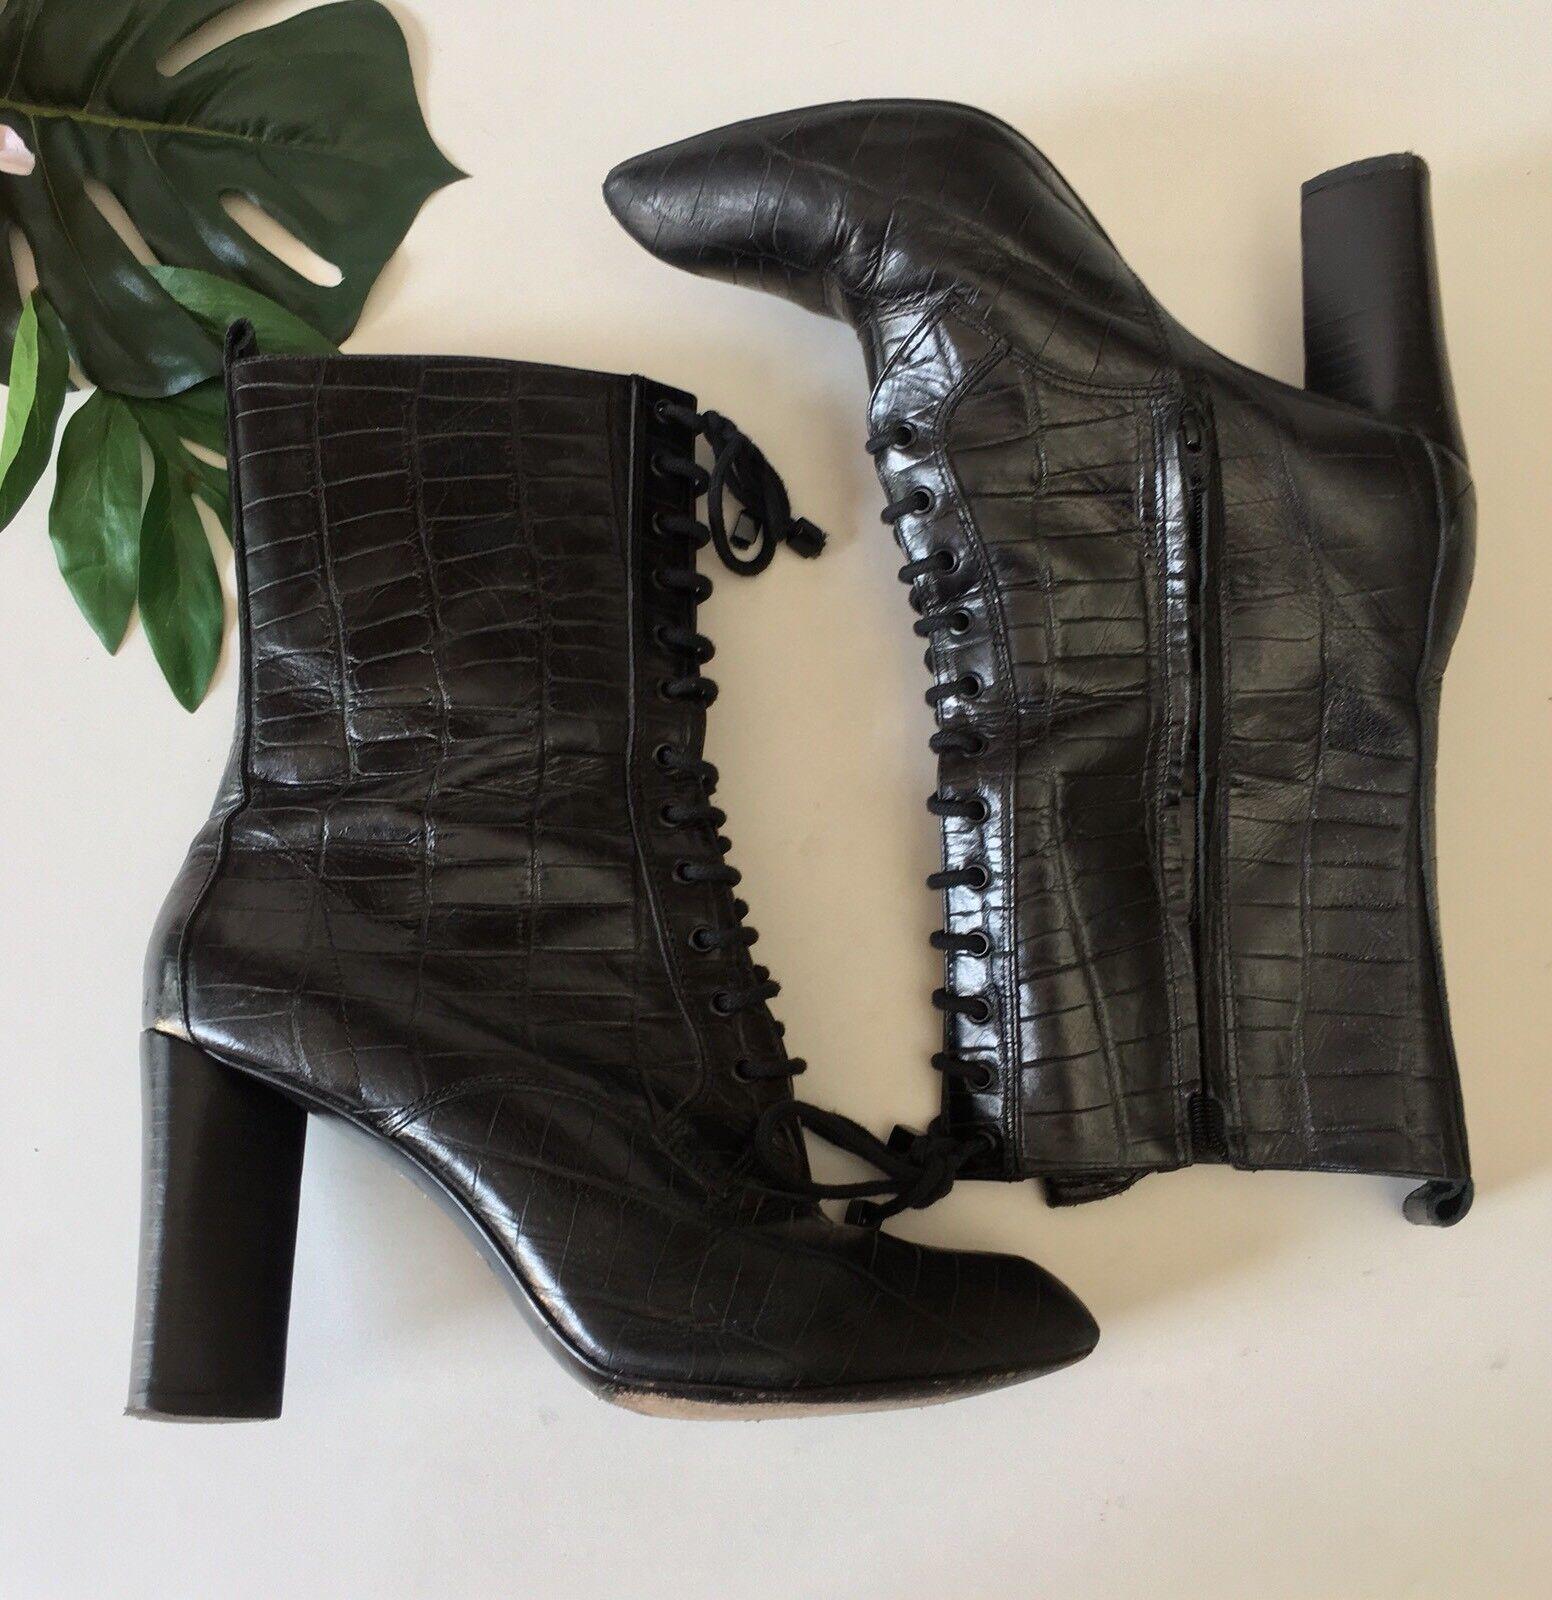 è scontato Pour La Victoire Victoire Victoire donna nero Croc Leather Lace Up Pointy Ankle stivali Witchy 8.5  economico e alla moda